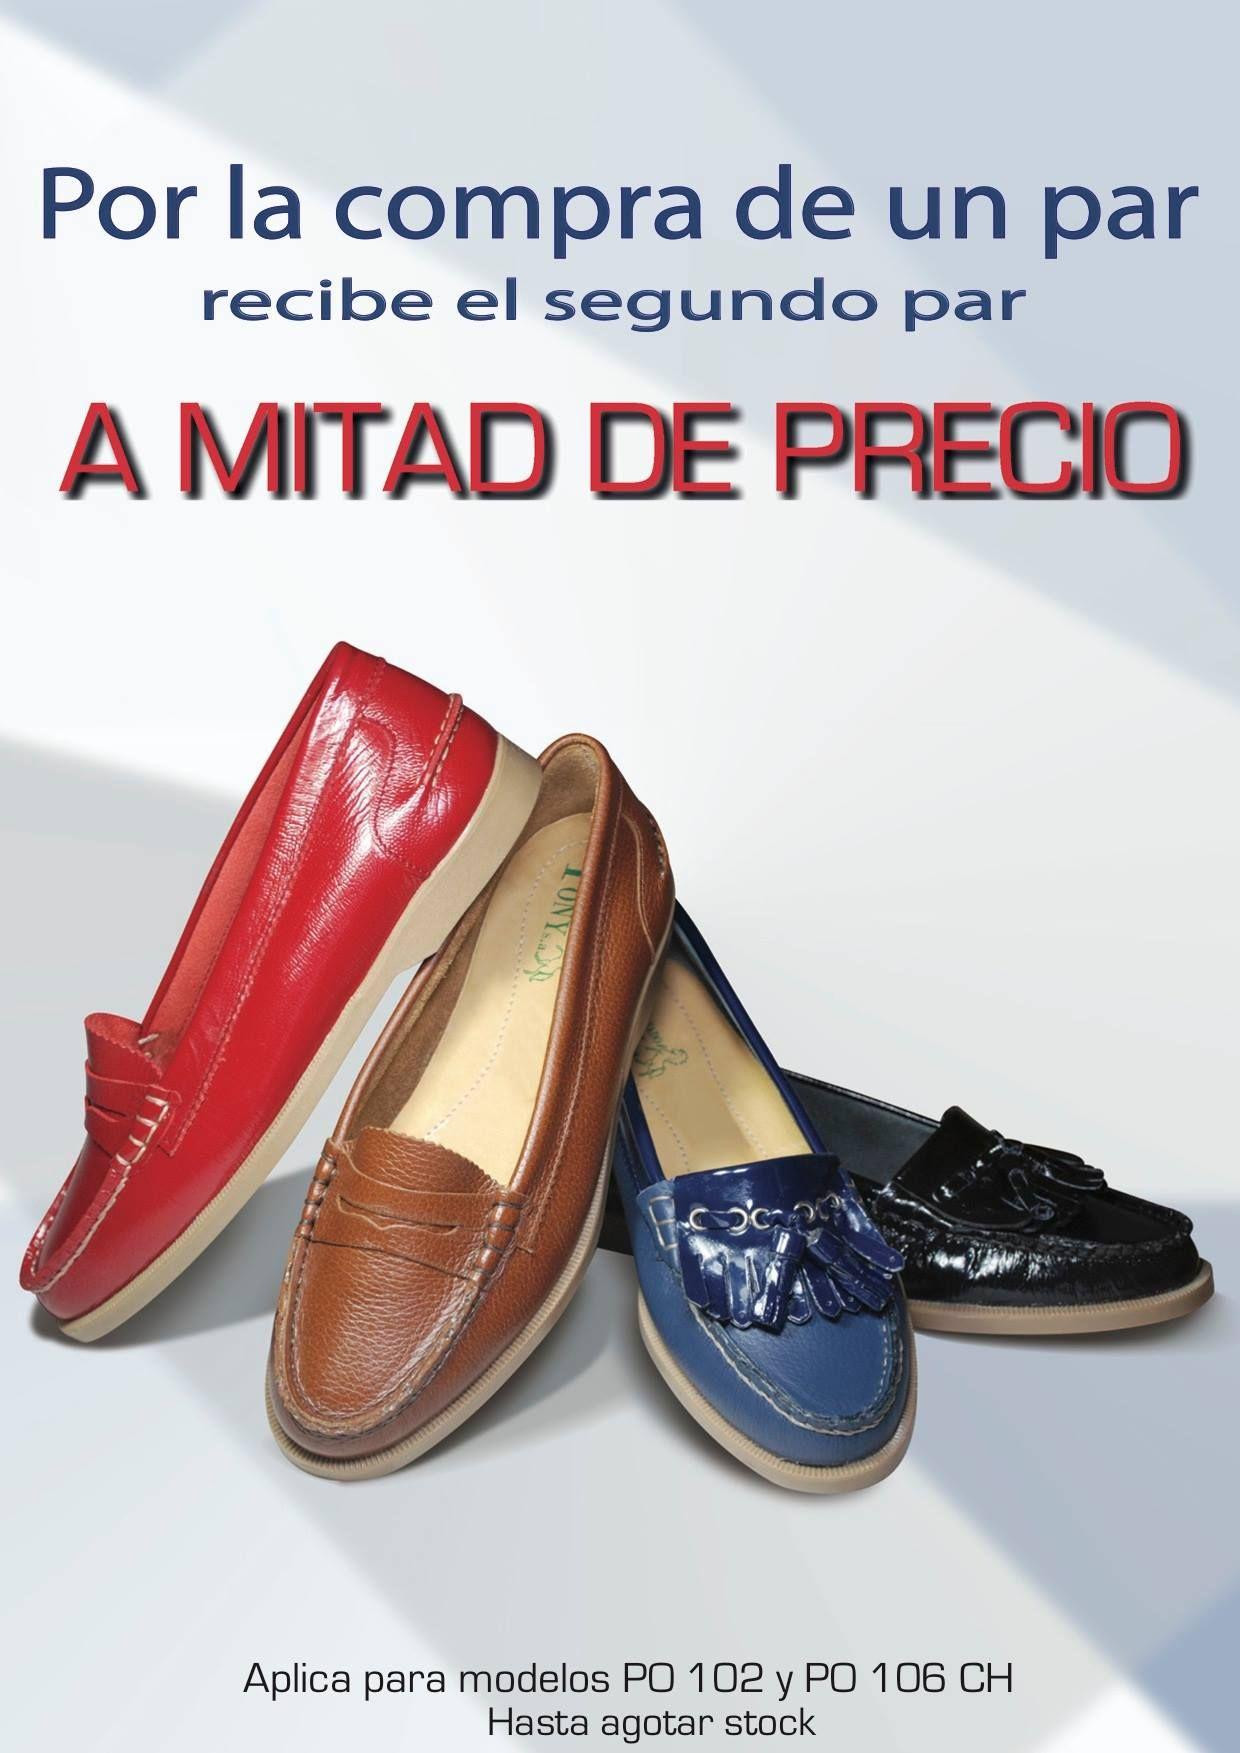 zapatillas skechers mujer verano 2019 ecuador fashion week